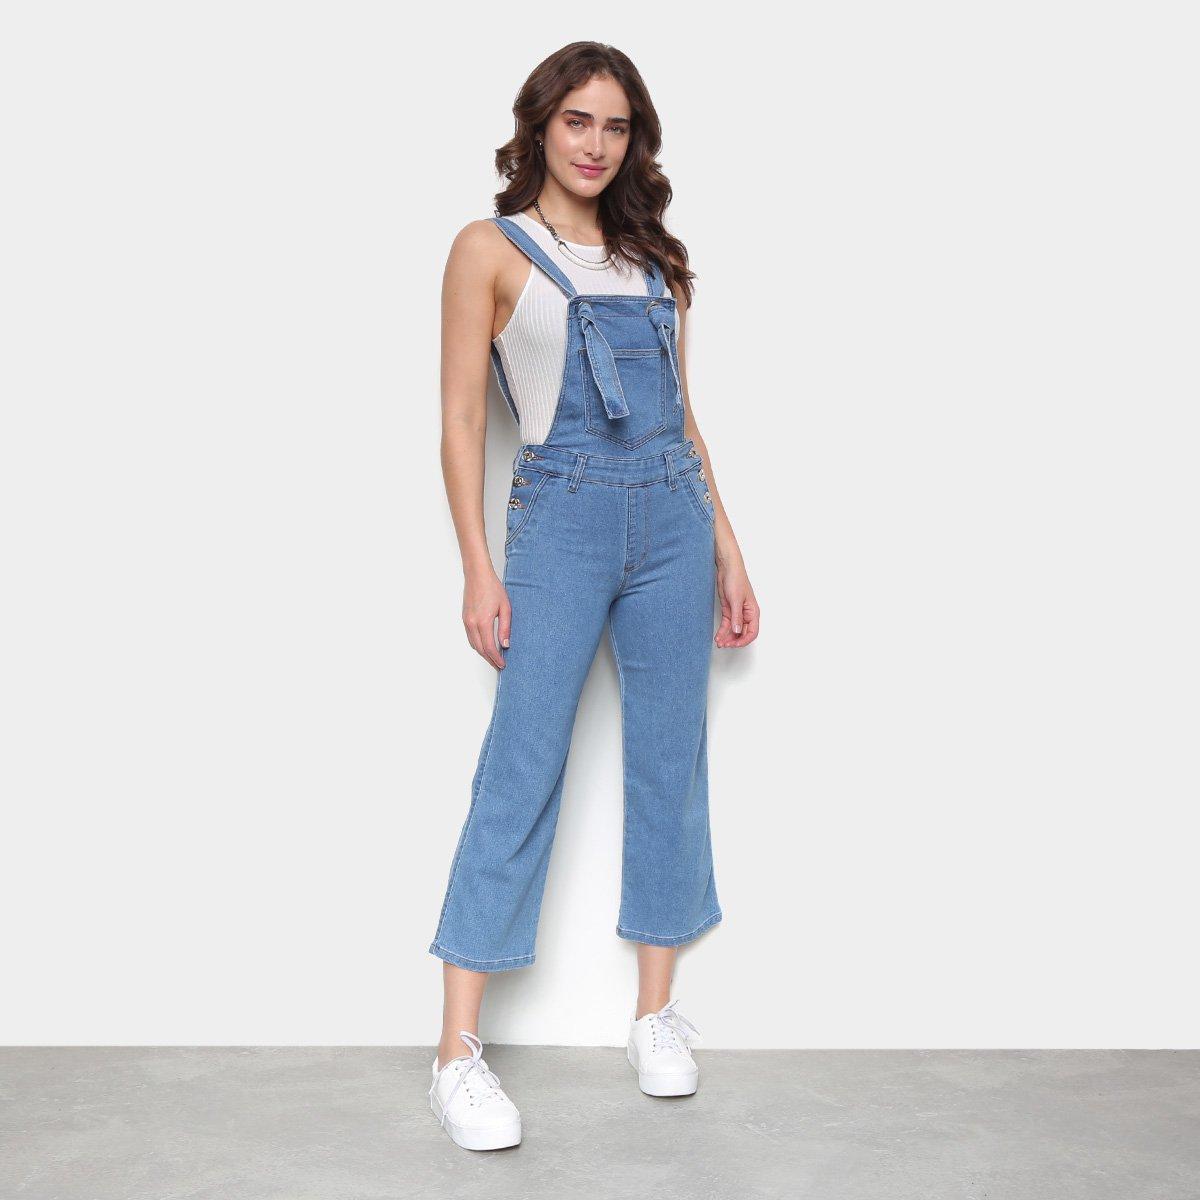 Macacão Jeans Biotipo Pantacourt Feminino